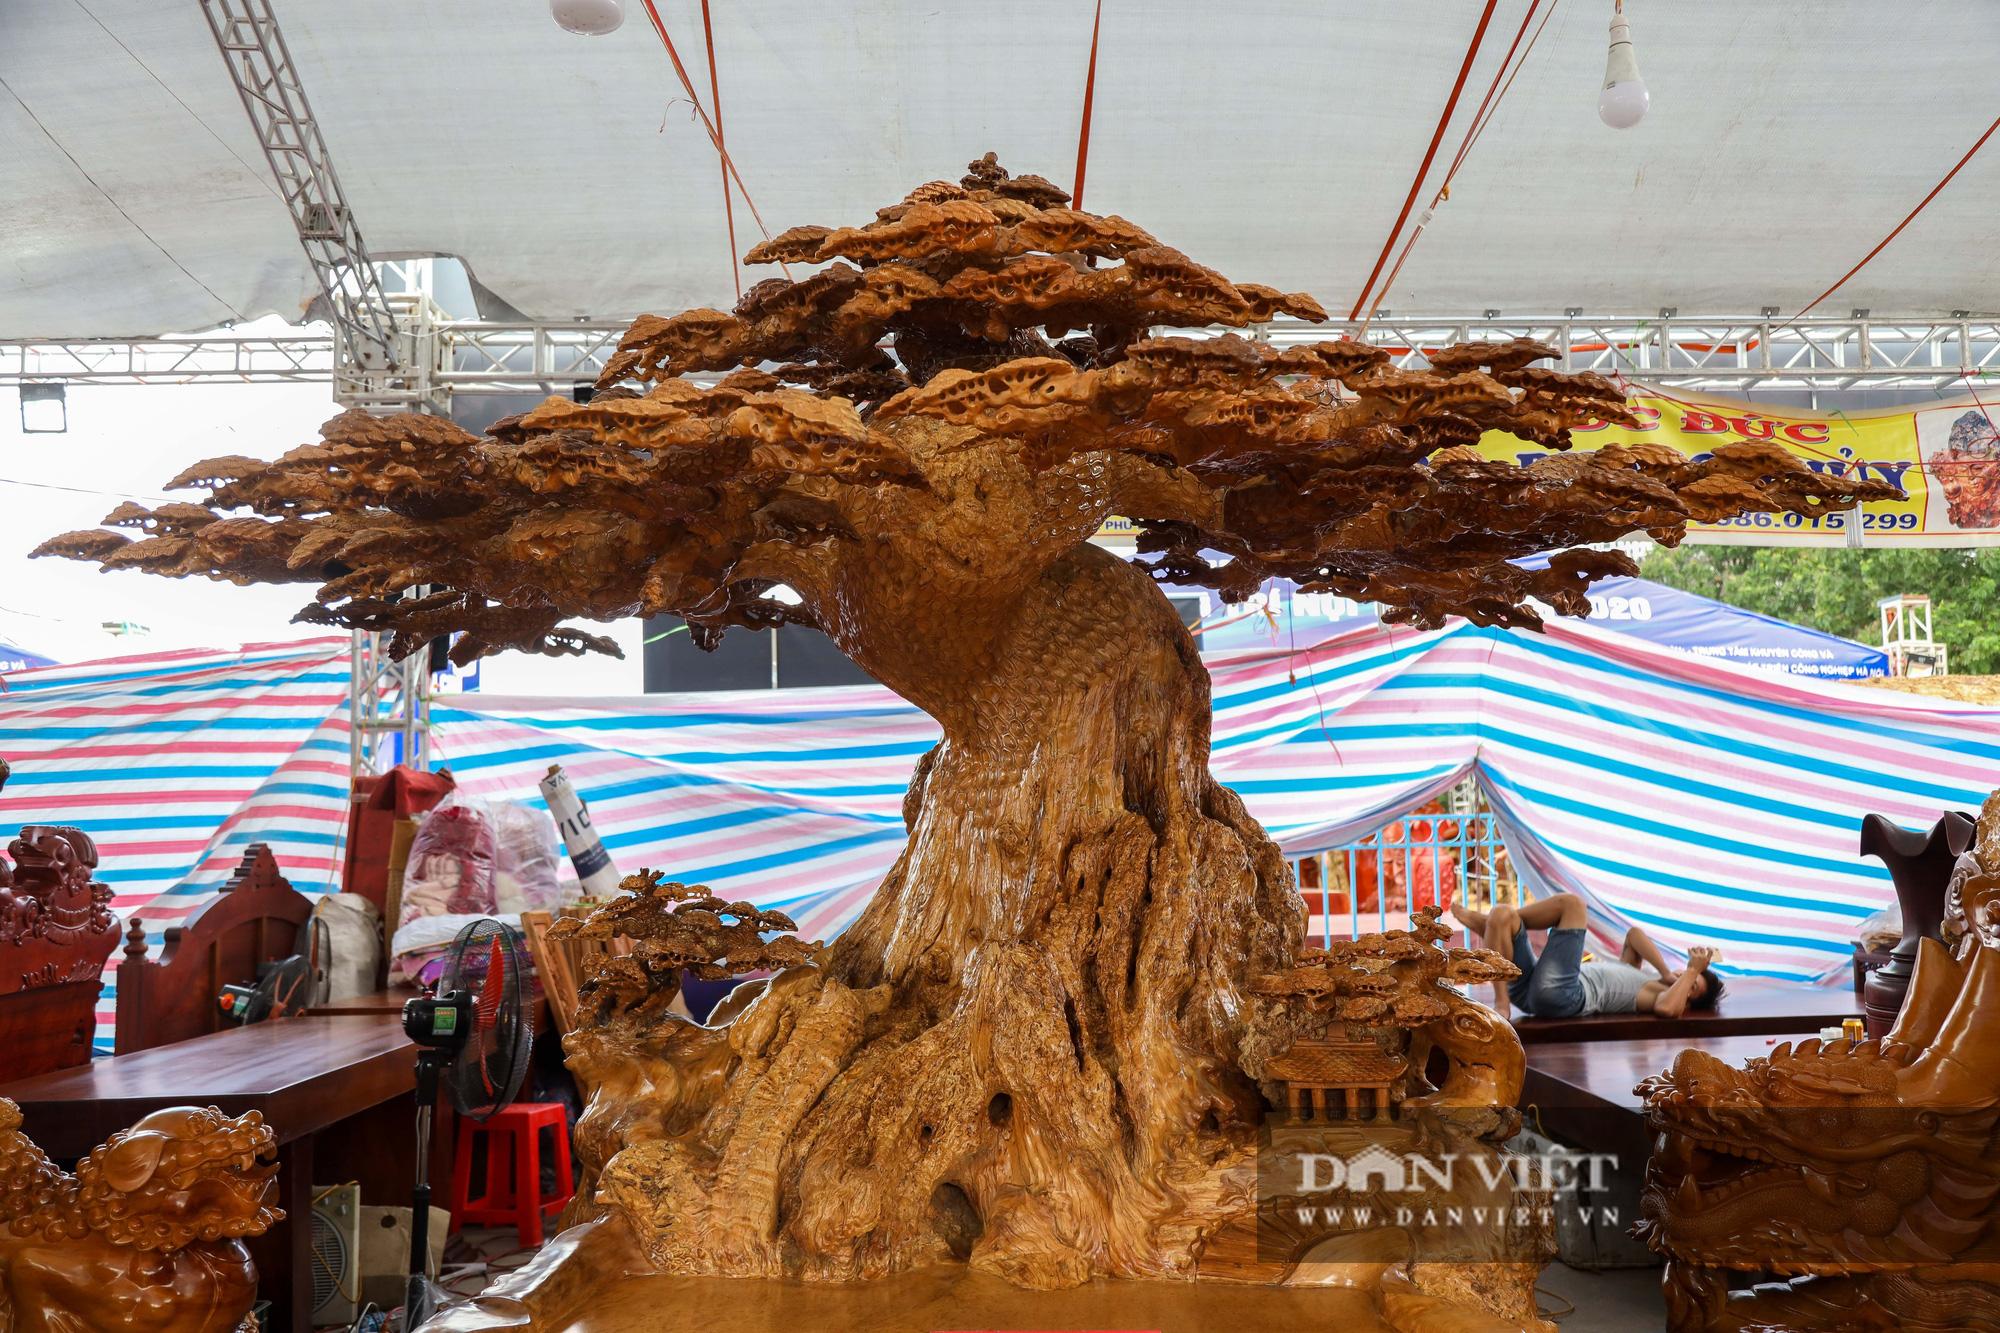 Ngỡ ngàng khúc gỗ 10 tỷ đồng ở hội chợ đồ gỗ Hà Nội - Ảnh 10.